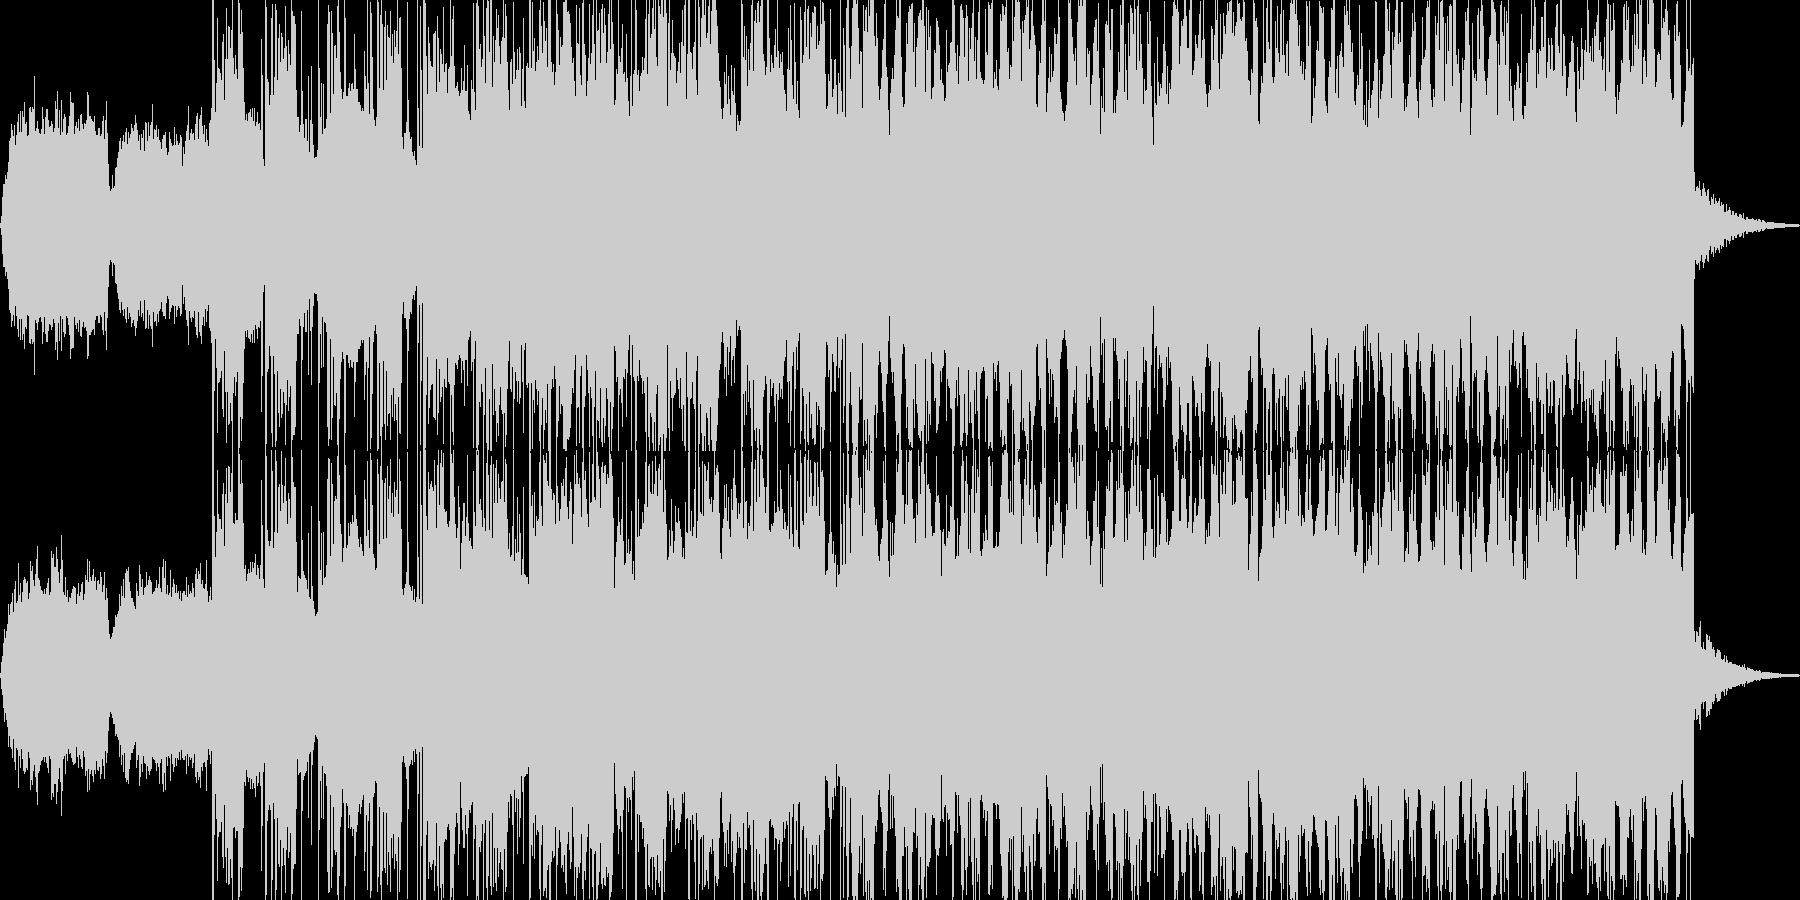 ノスタルジックなBGMの未再生の波形